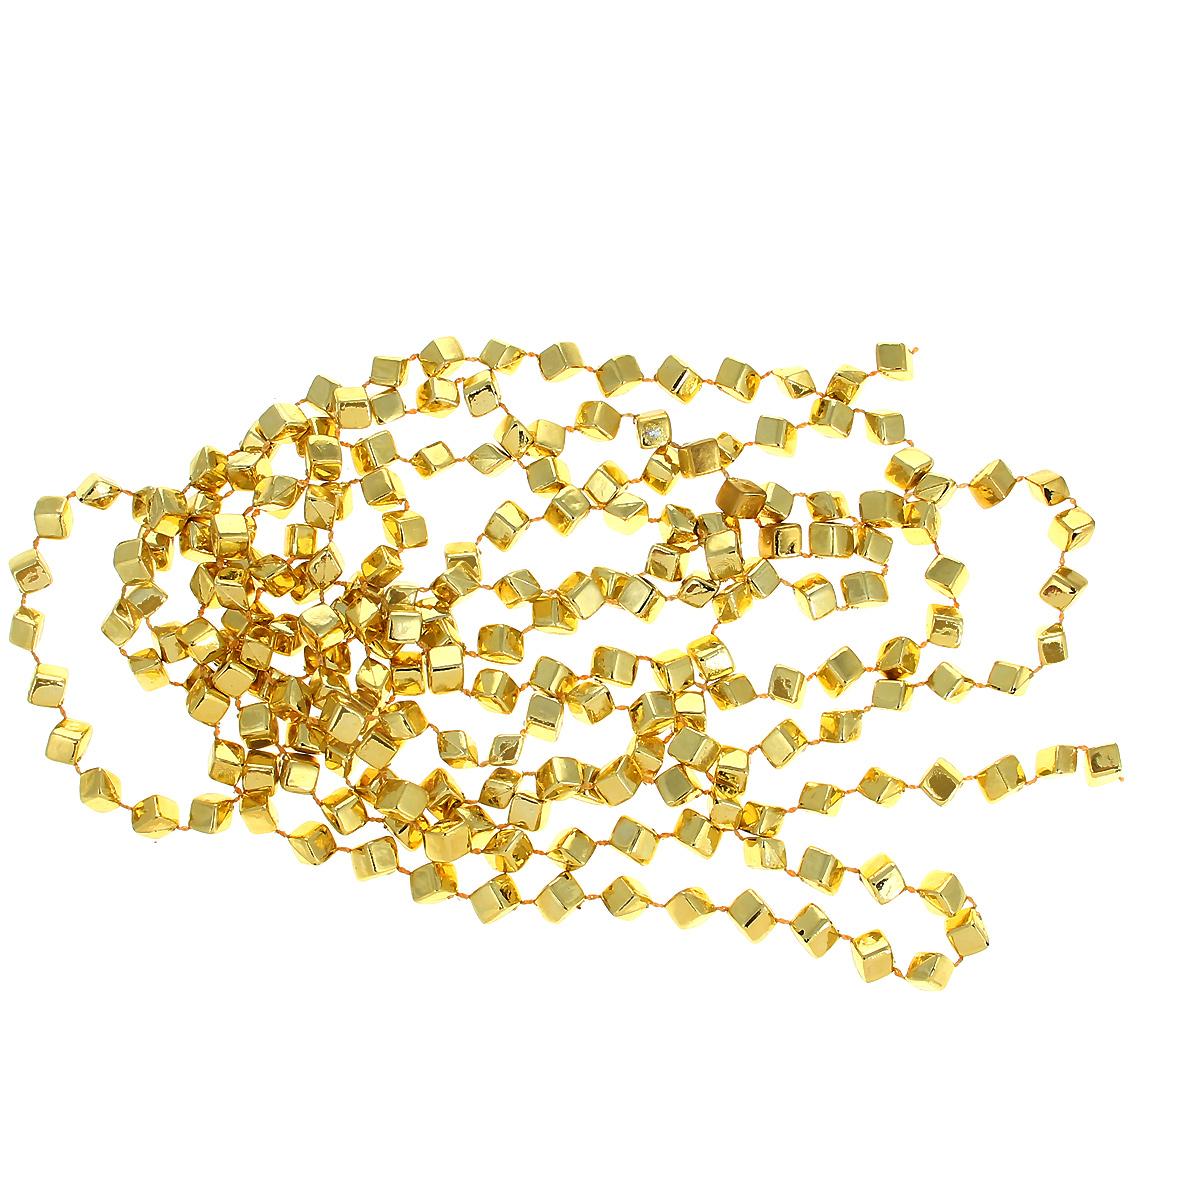 Новогодняя гирлянда Кубики, цвет: золотистый, 270 см31625Новогодняя гирлянда прекрасно подойдет для декора дома или офиса. Украшение выполнено из разноцветной металлизированной фольги. С помощью специальных петелек гирлянду можно повесить в любом понравившемся вам месте. Украшение легко складывается и раскладывается. Новогодние украшения несут в себе волшебство и красоту праздника. Они помогут вам украсить дом к предстоящим праздникам и оживить интерьер по вашему вкусу. Создайте в доме атмосферу тепла, веселья и радости, украшая его всей семьей.